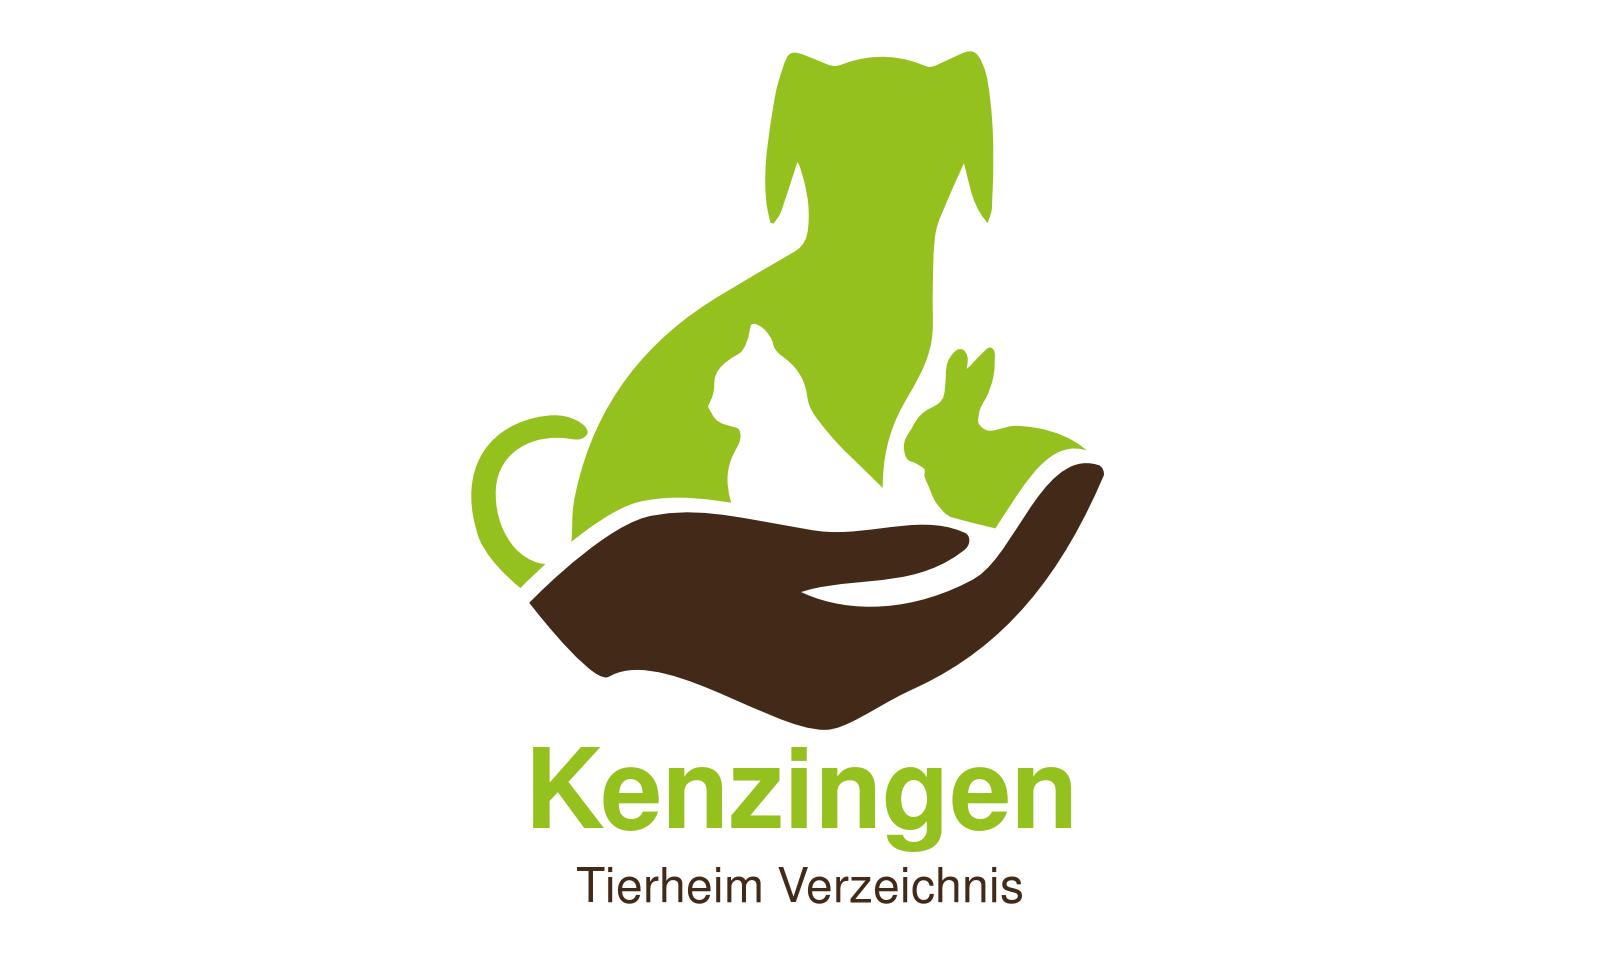 Tierheim Kenzingen